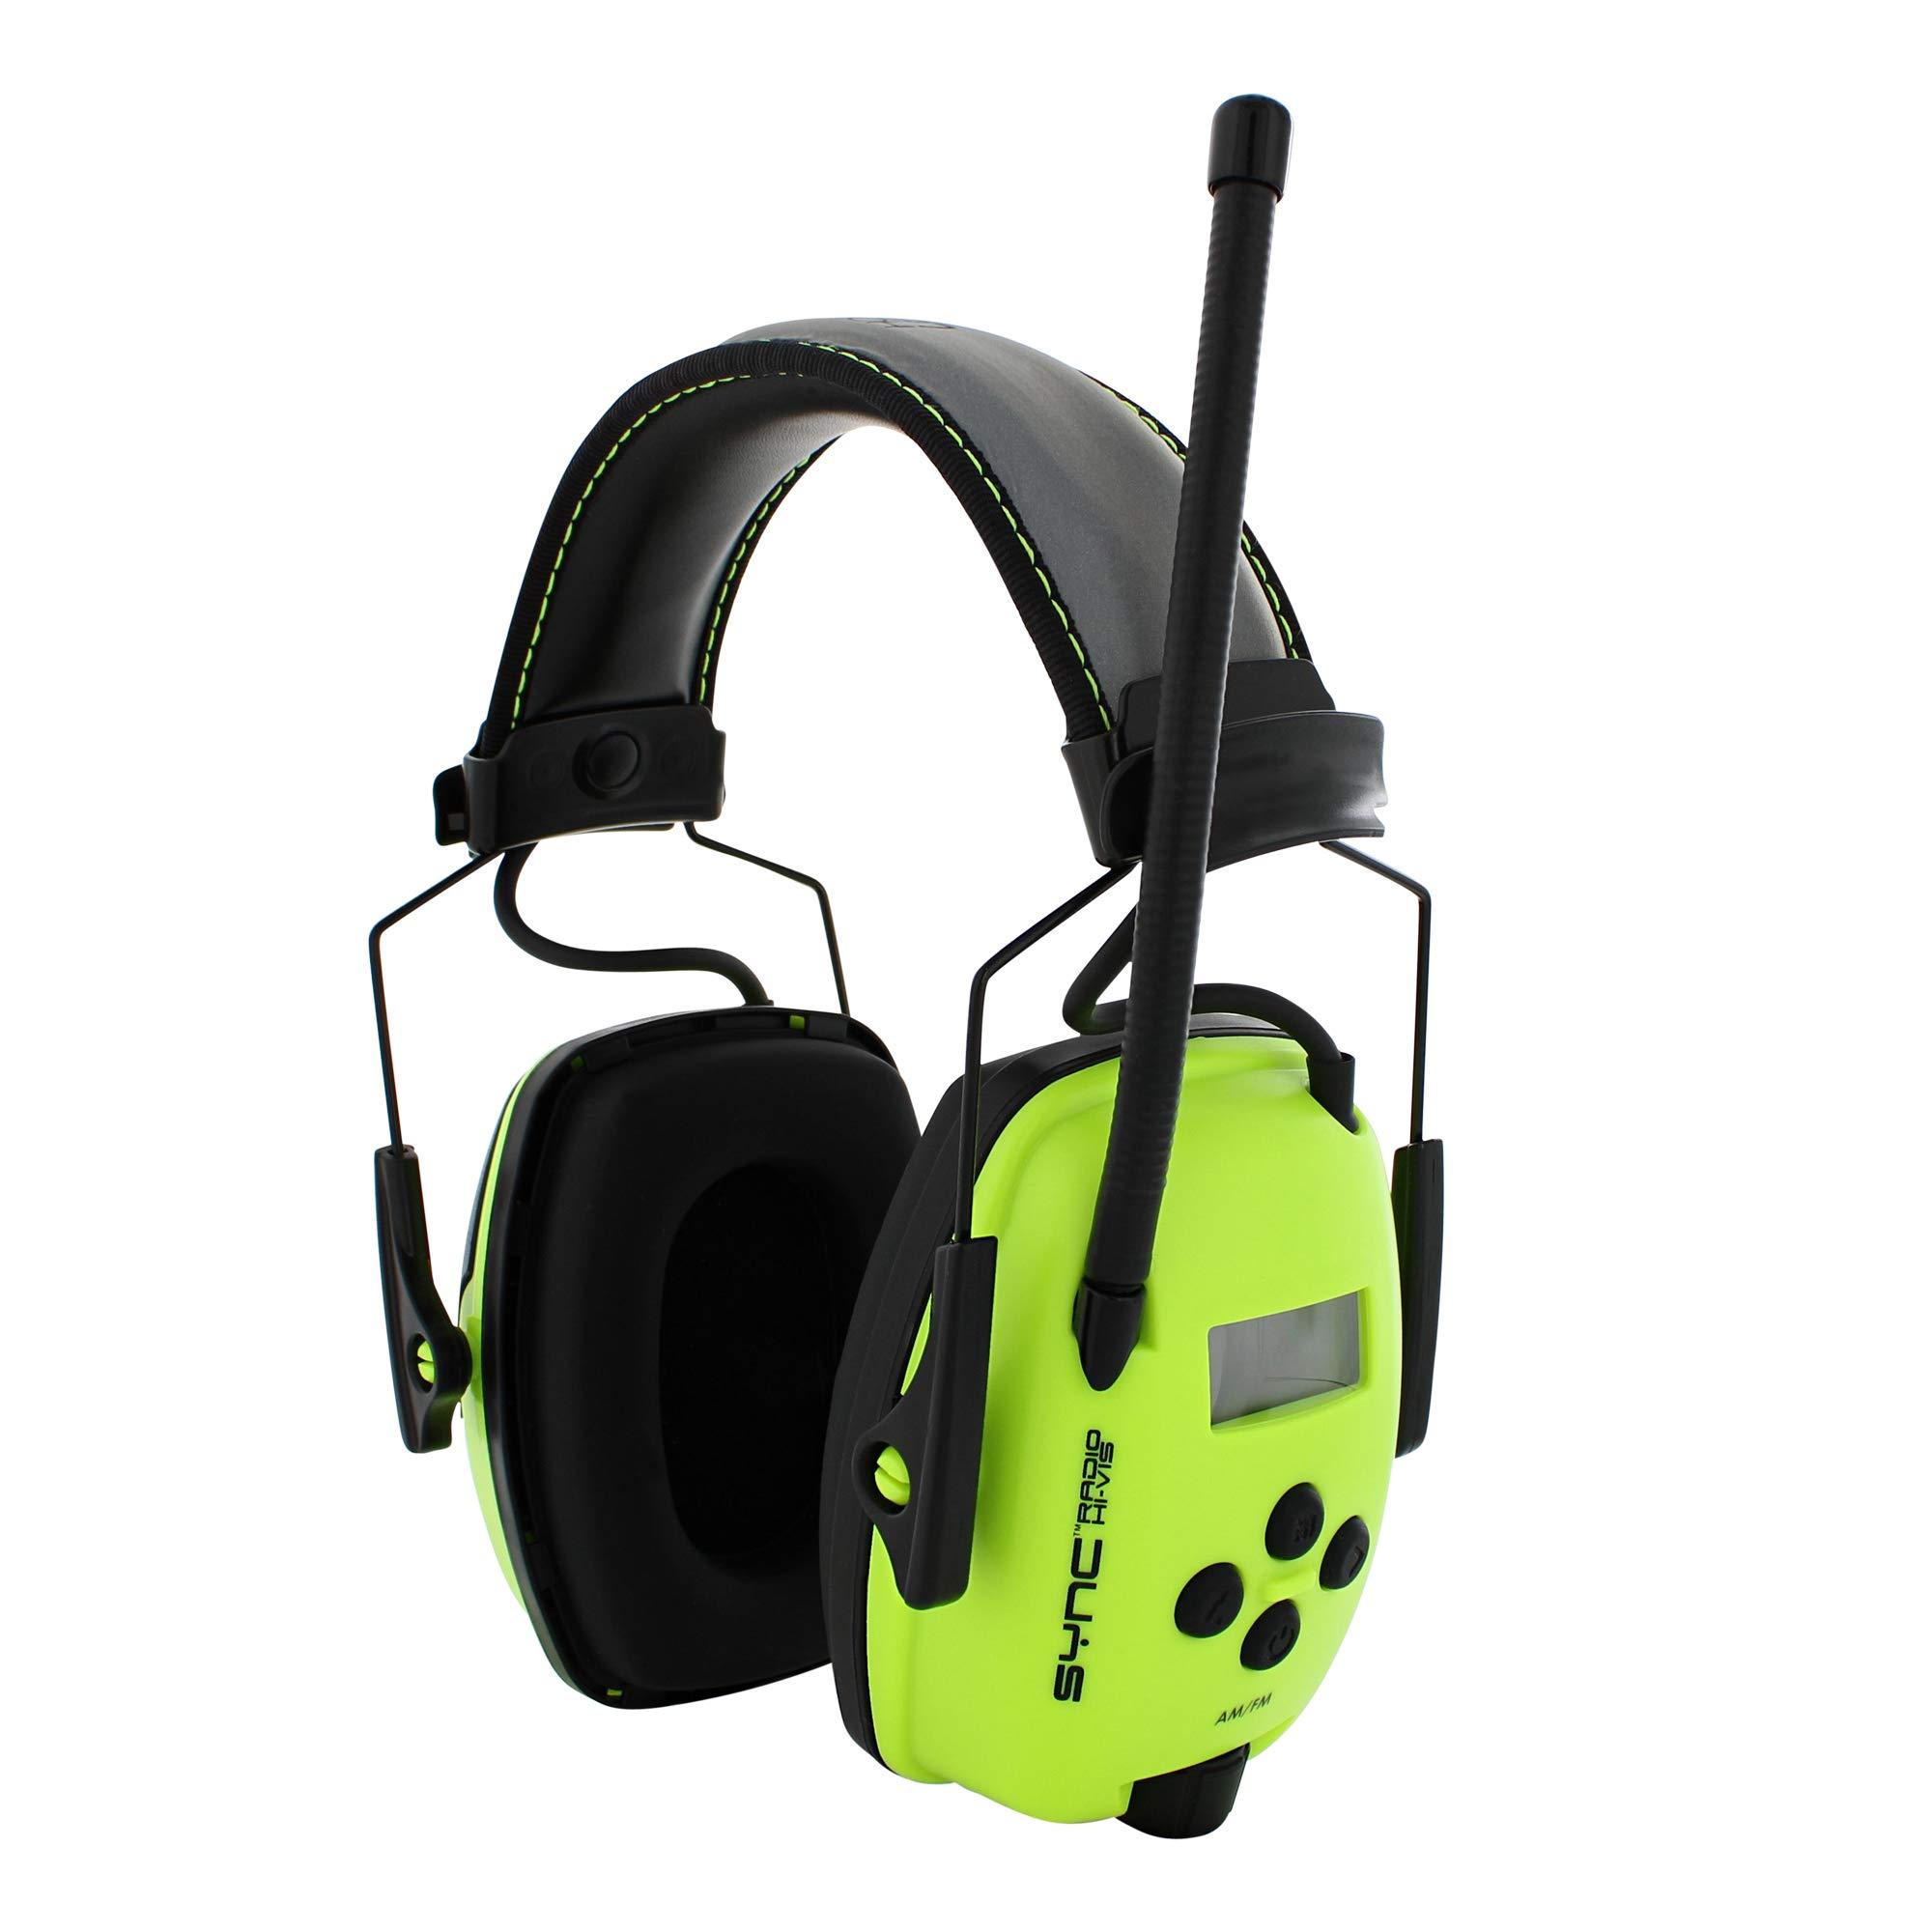 Howard Leight by Honeywell Sync Hi-Visibility Digital AM/FM Radio Earmuff (1030390) by Honeywell